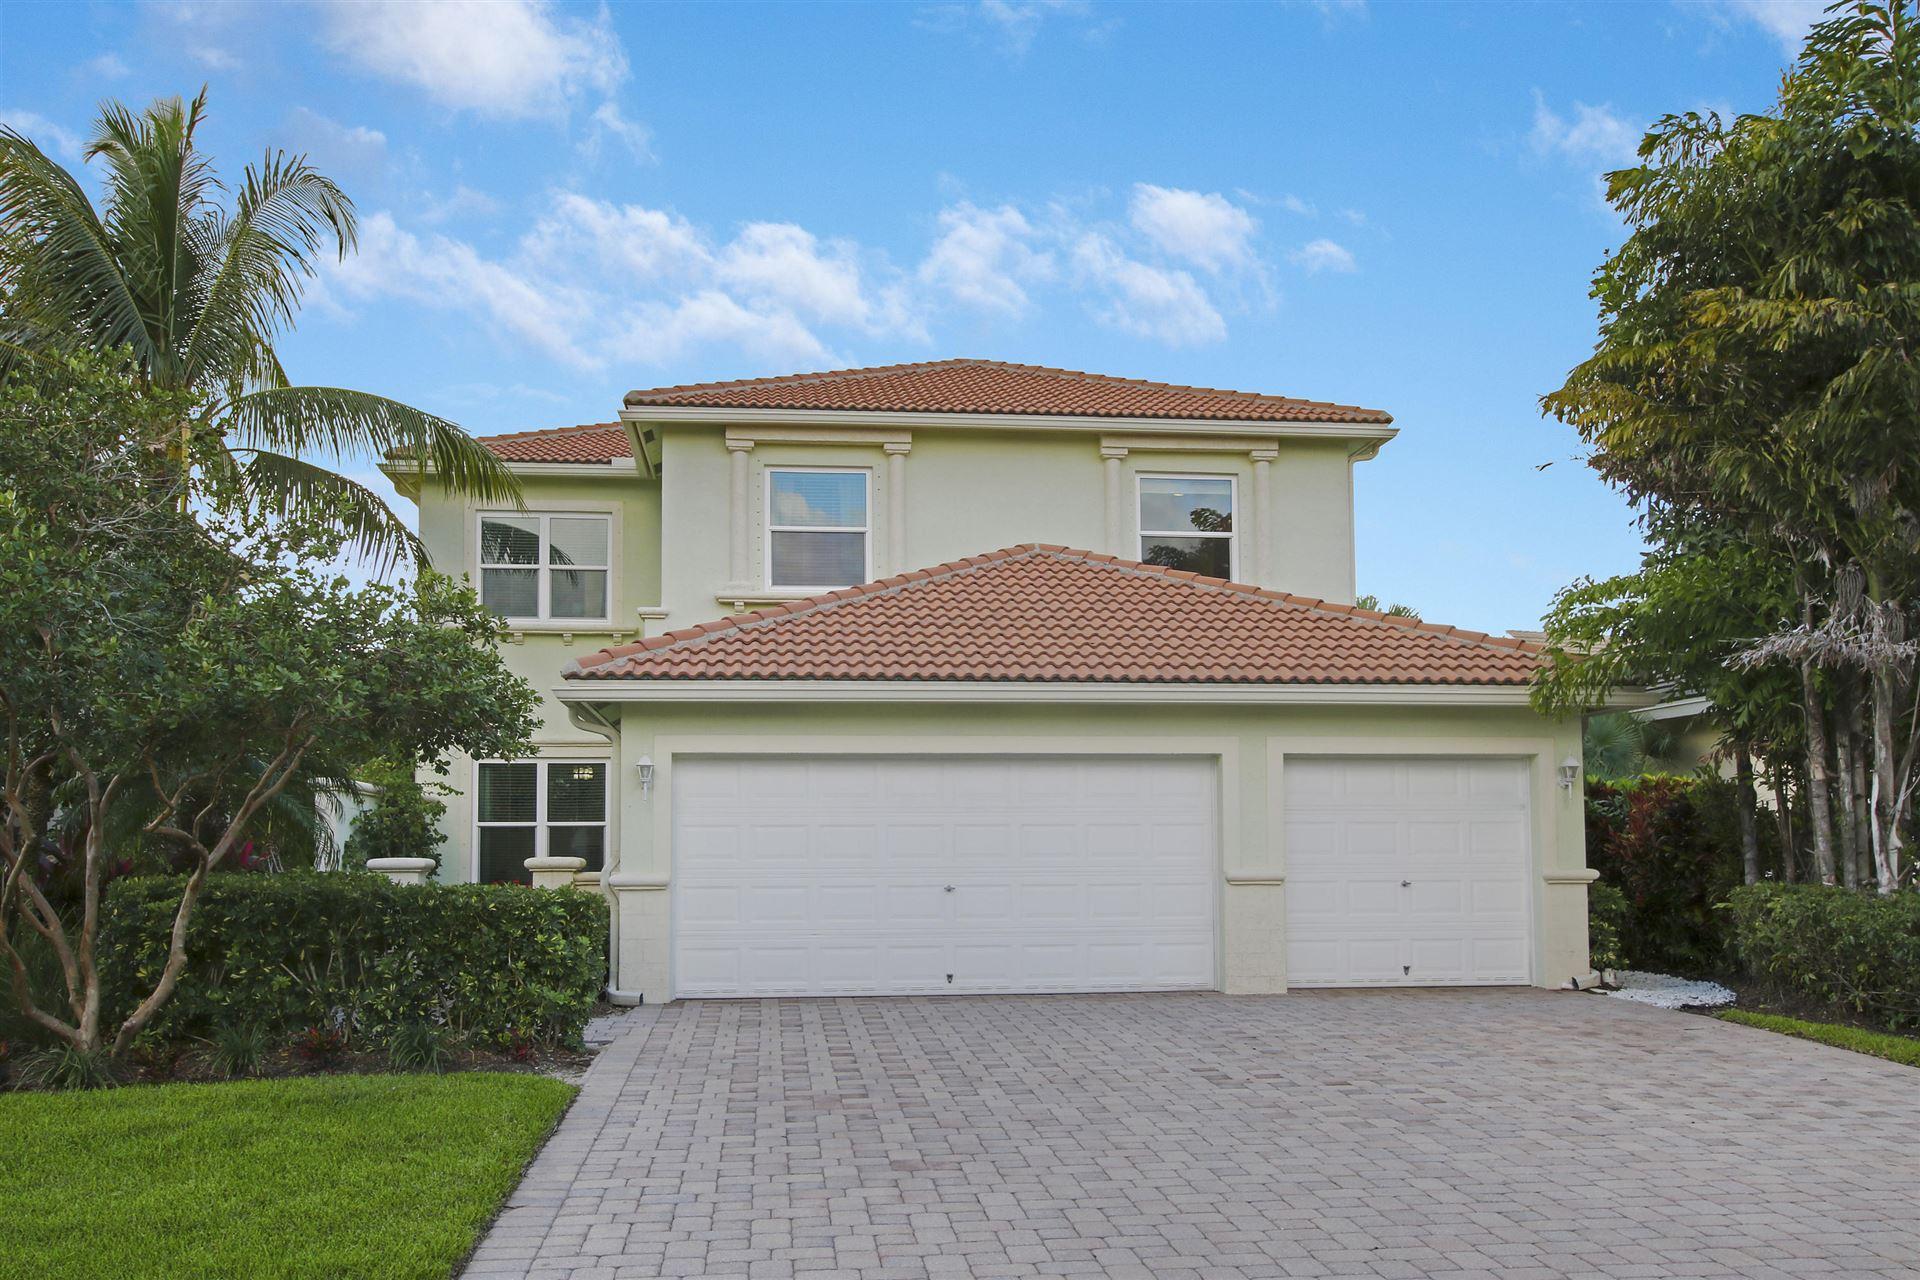 8265 Bob O Link Drive, West Palm Beach, FL 33412 - #: RX-10673655